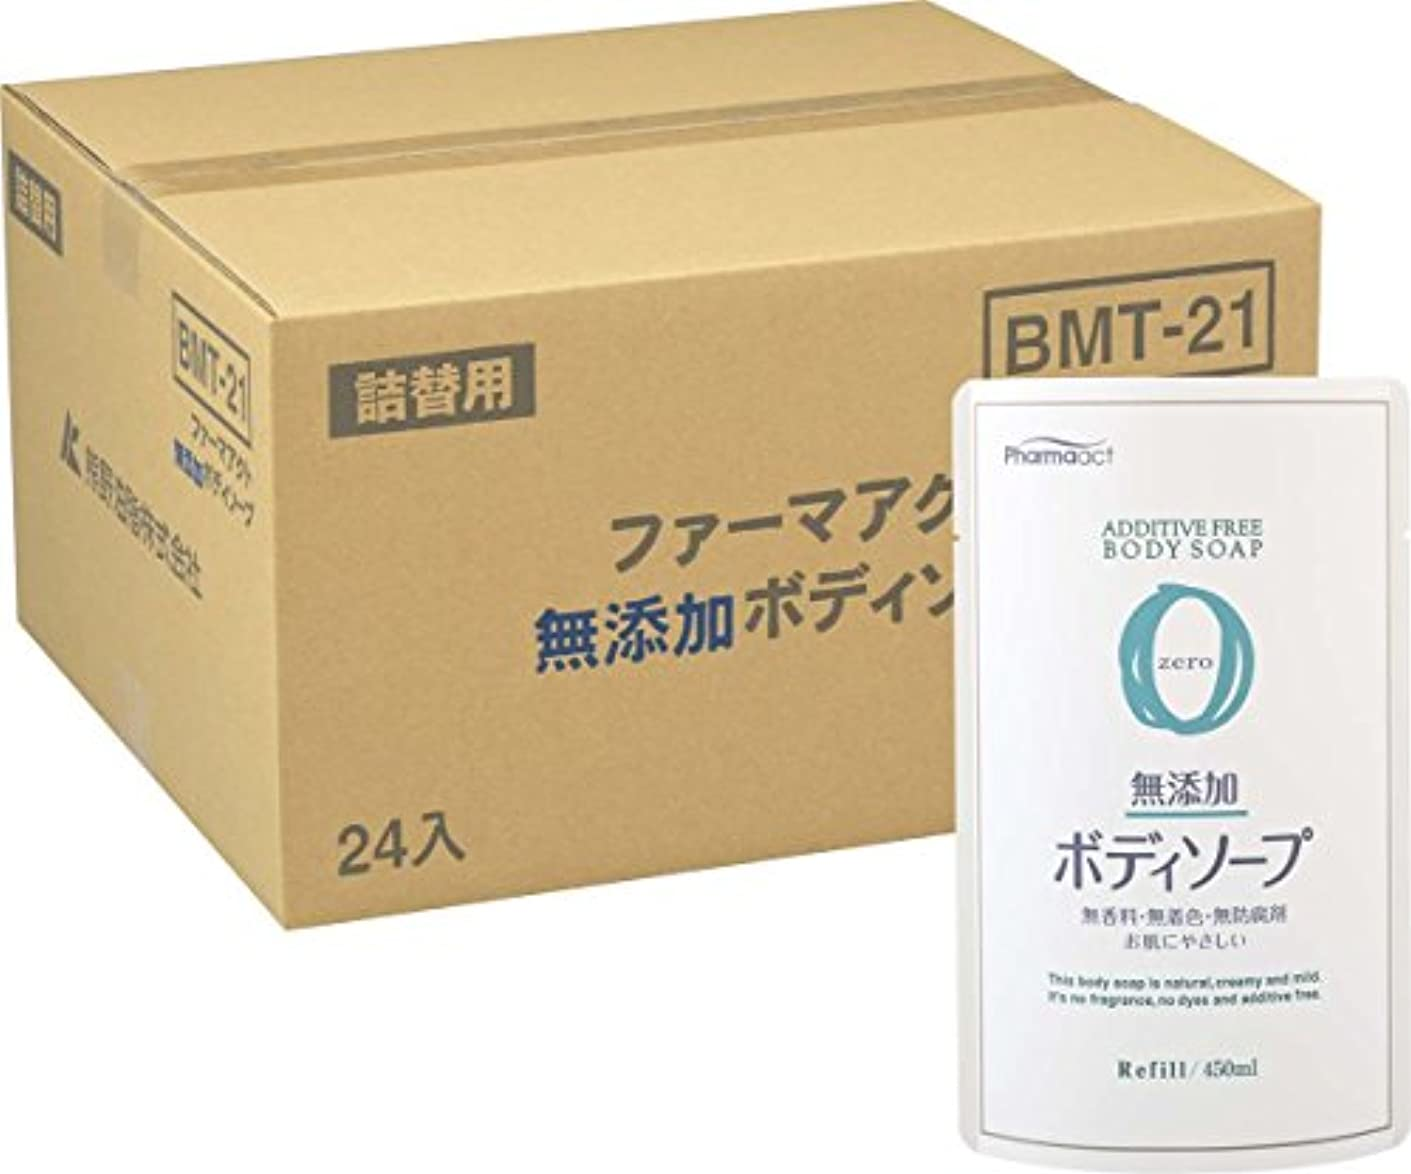 覆す効果的に対応する【ケース販売】ファーマアクト 無添加ボディソープ詰替用 450ml×24個入